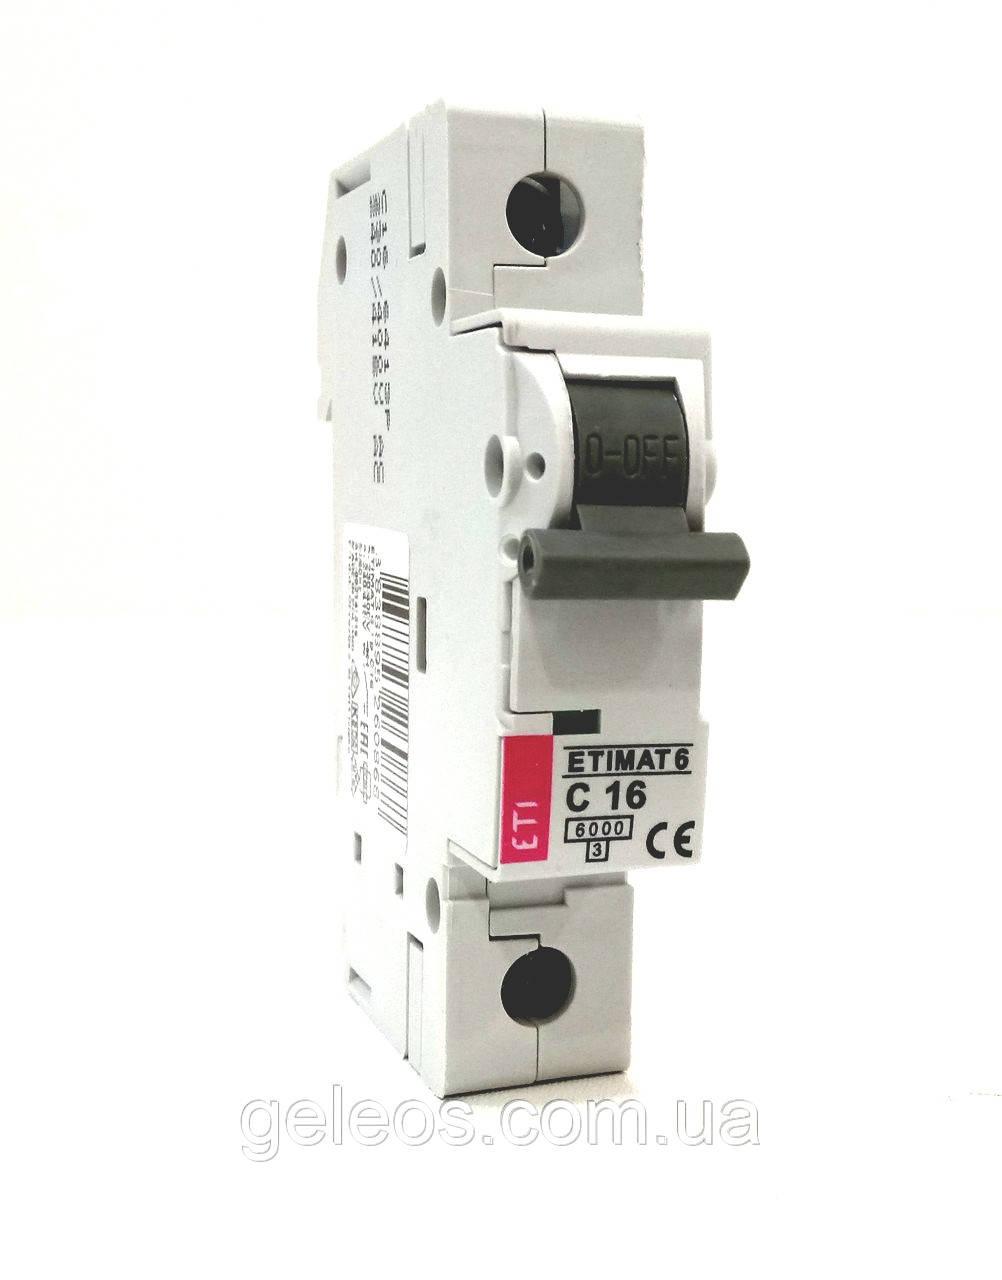 Автоматический выключатель ЕТІМАТ  6  1Р С 6А